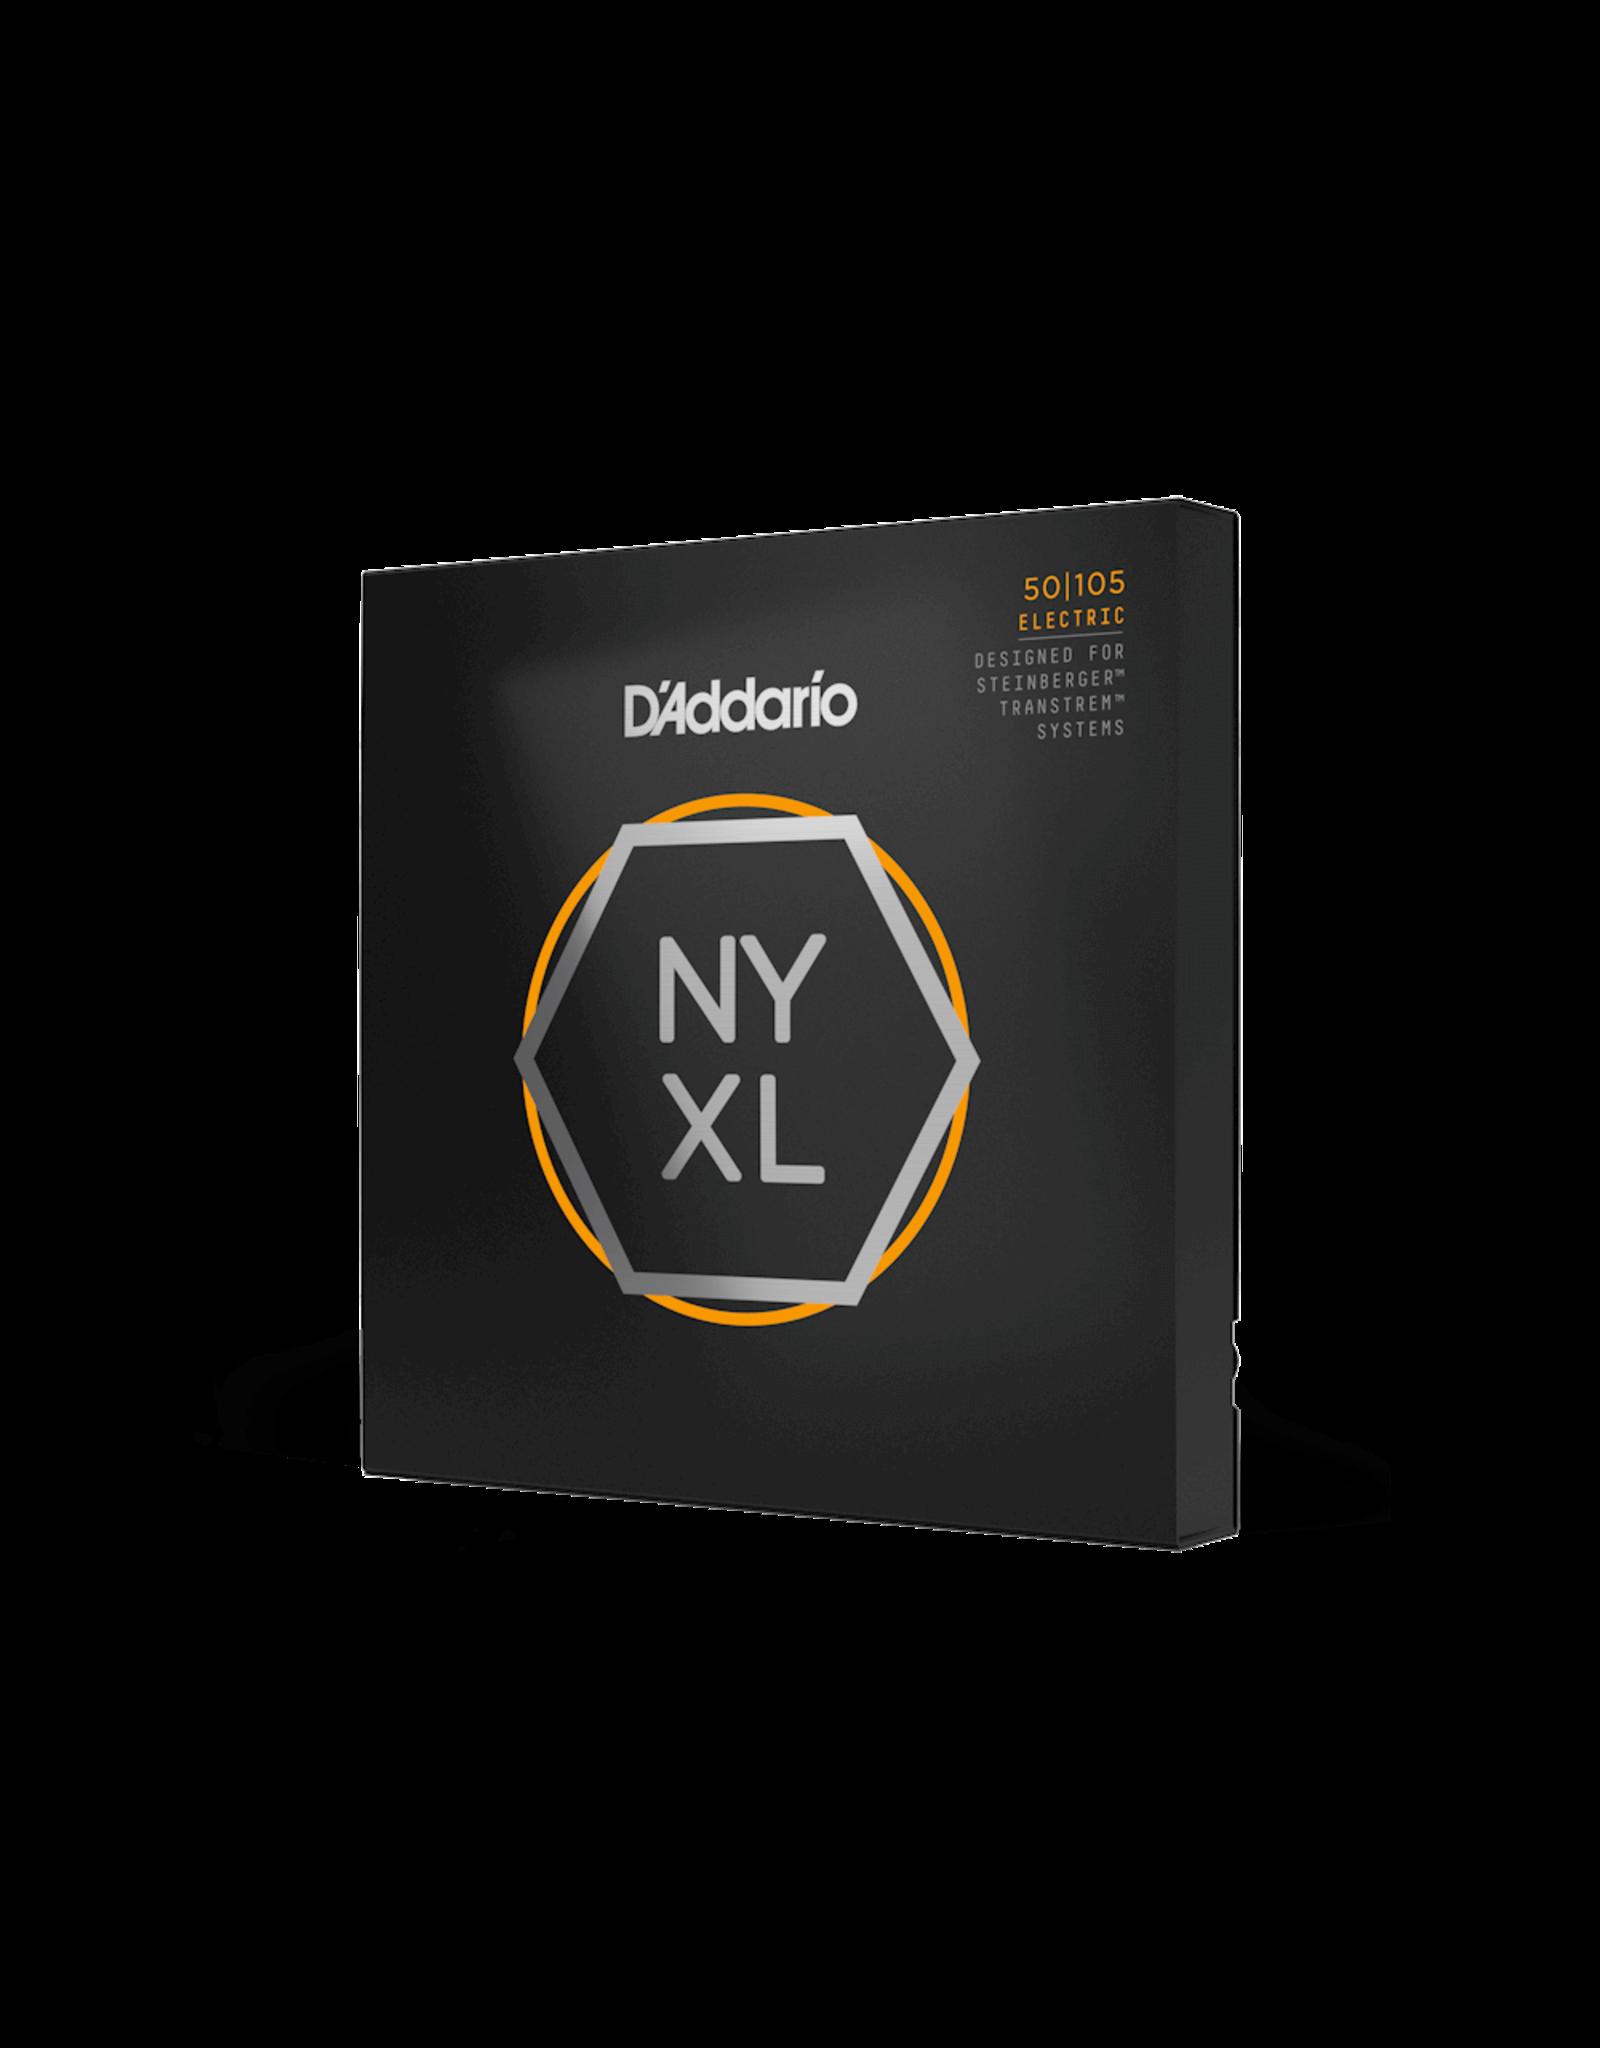 D'Addario D'Addario NYXL50105 Bass Strings Set Long Scale, Medium, 50-105